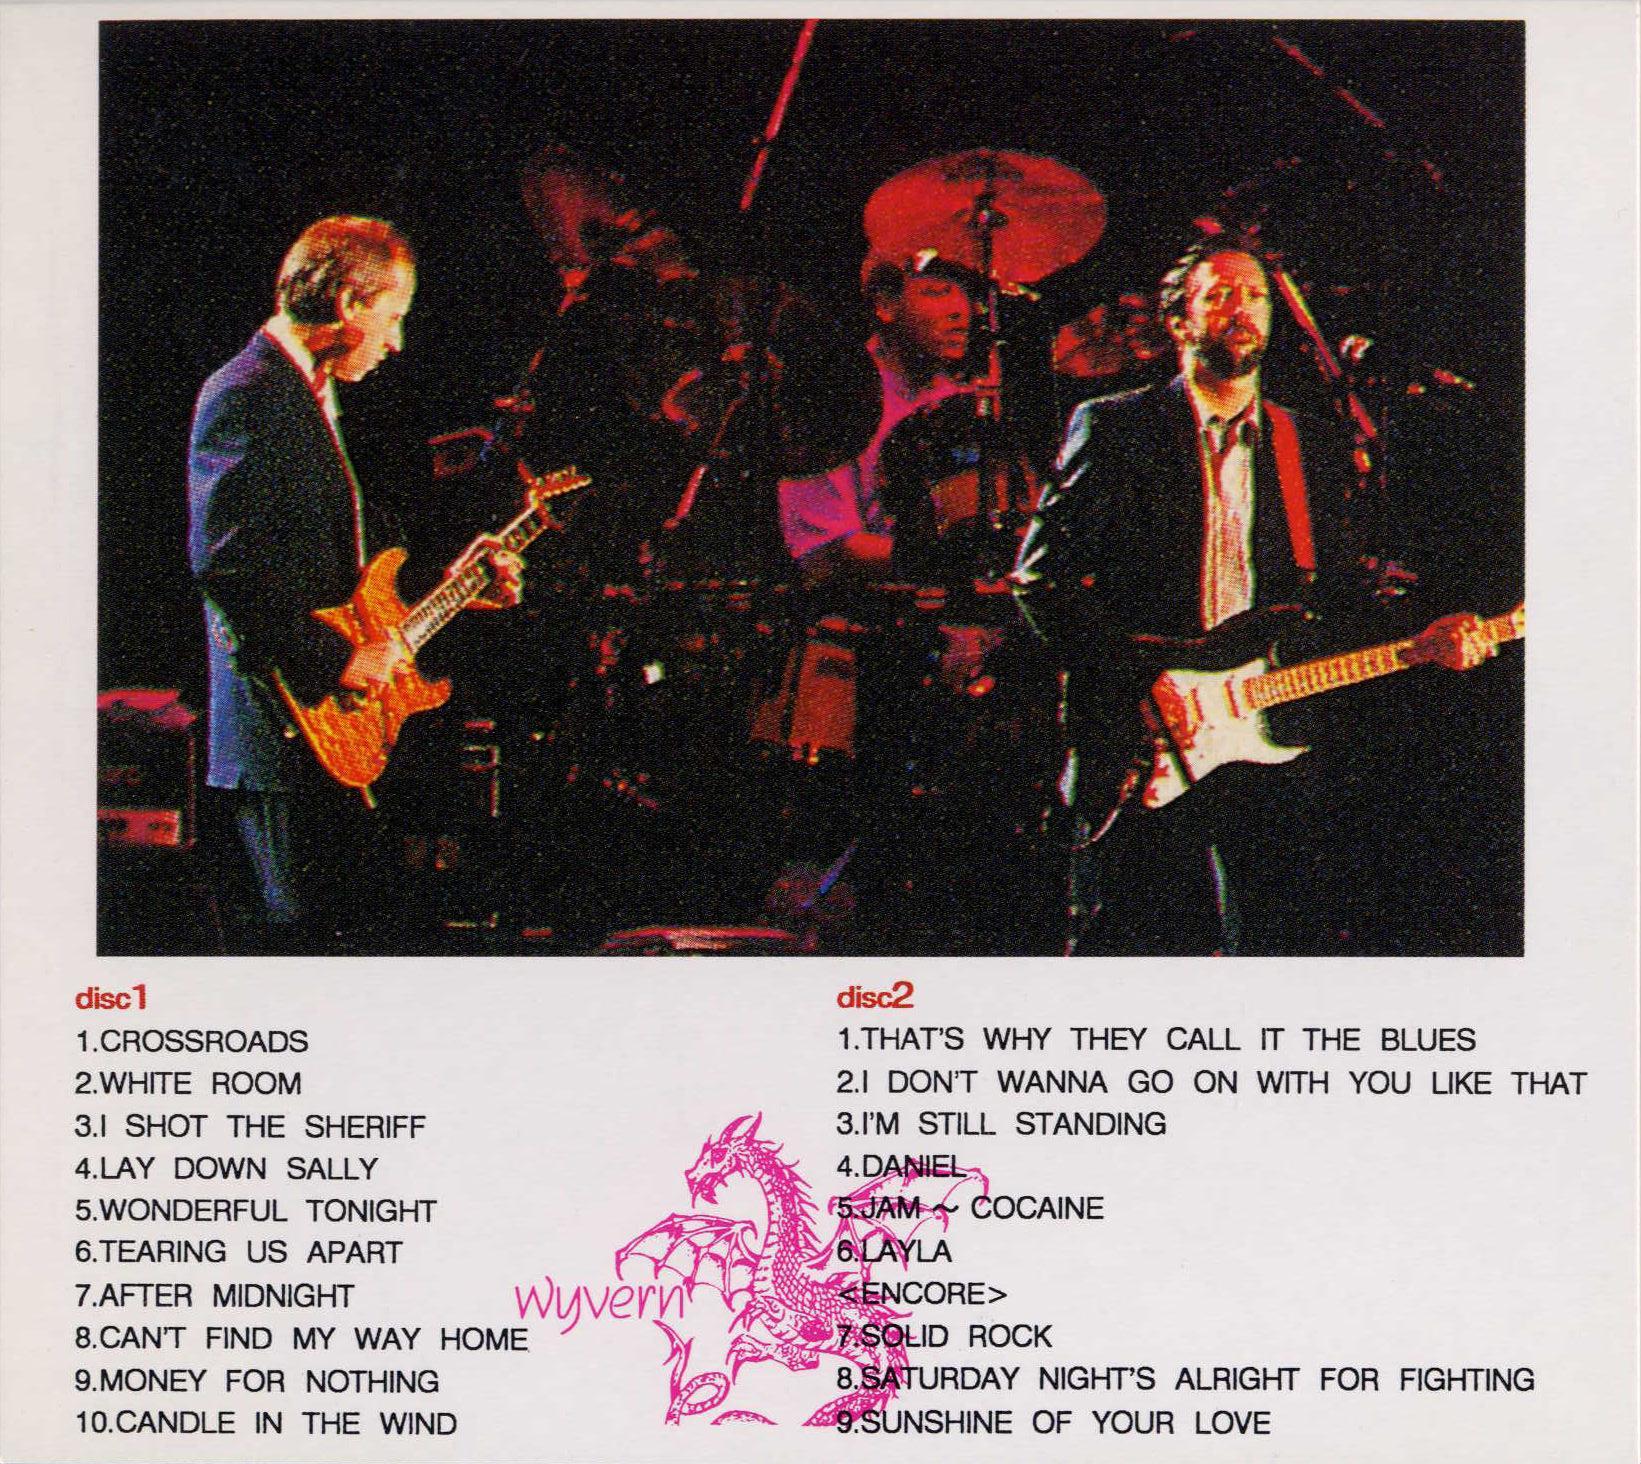 Wonderful Tonight Live Eric Clapton: Wonderful Tonight Eric Clapton